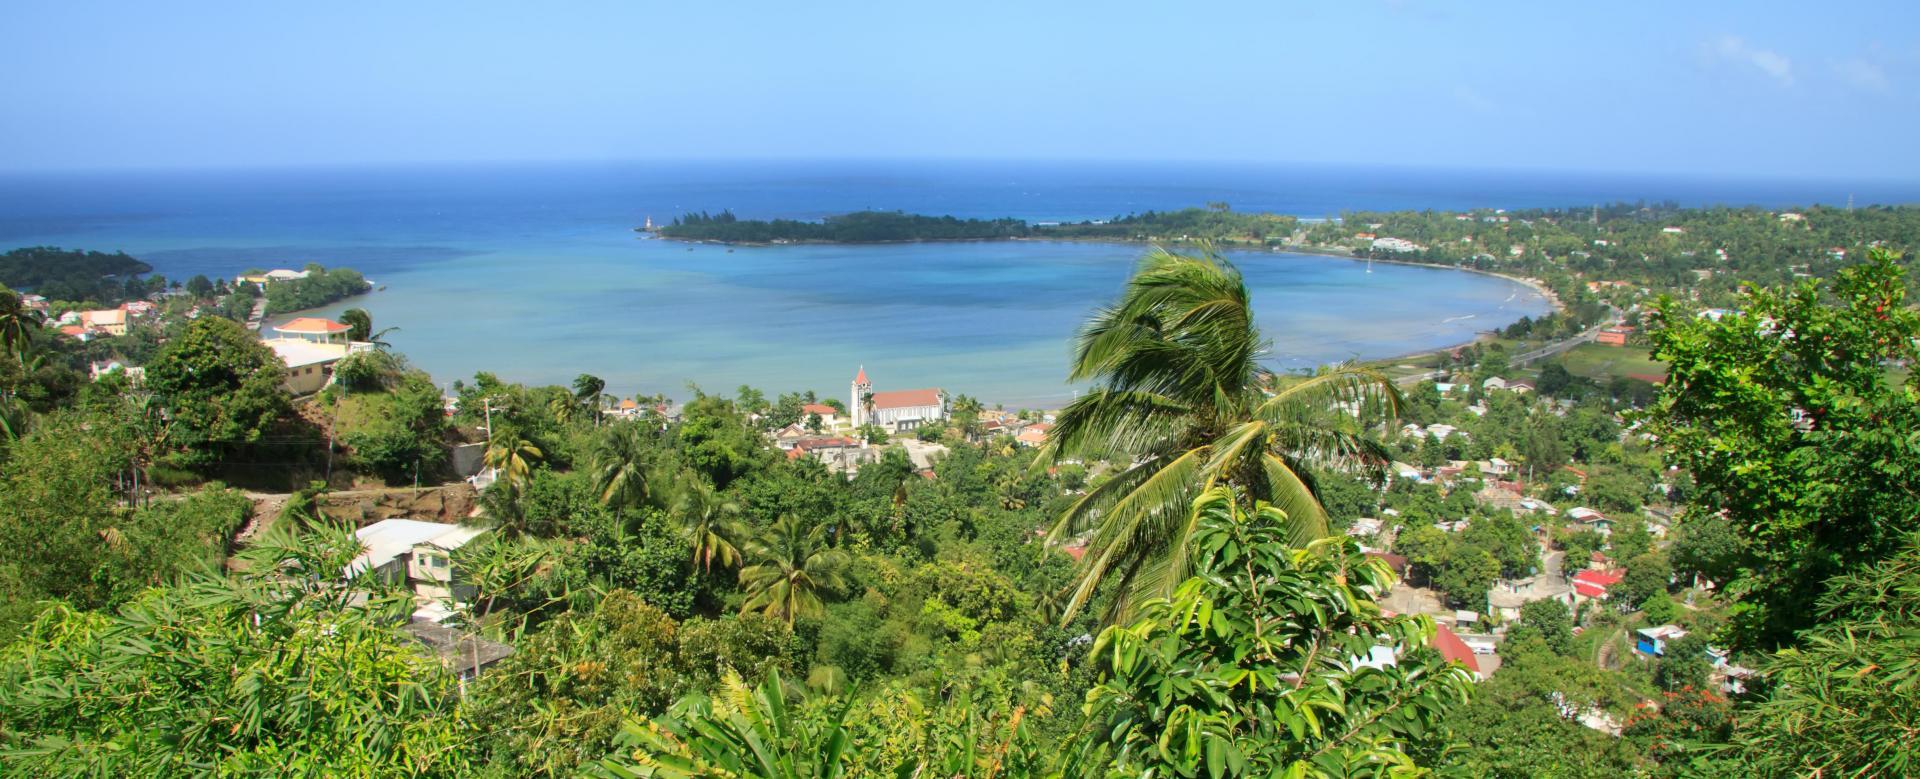 Voyage en véhicule : Jamaïque, l'île métissée